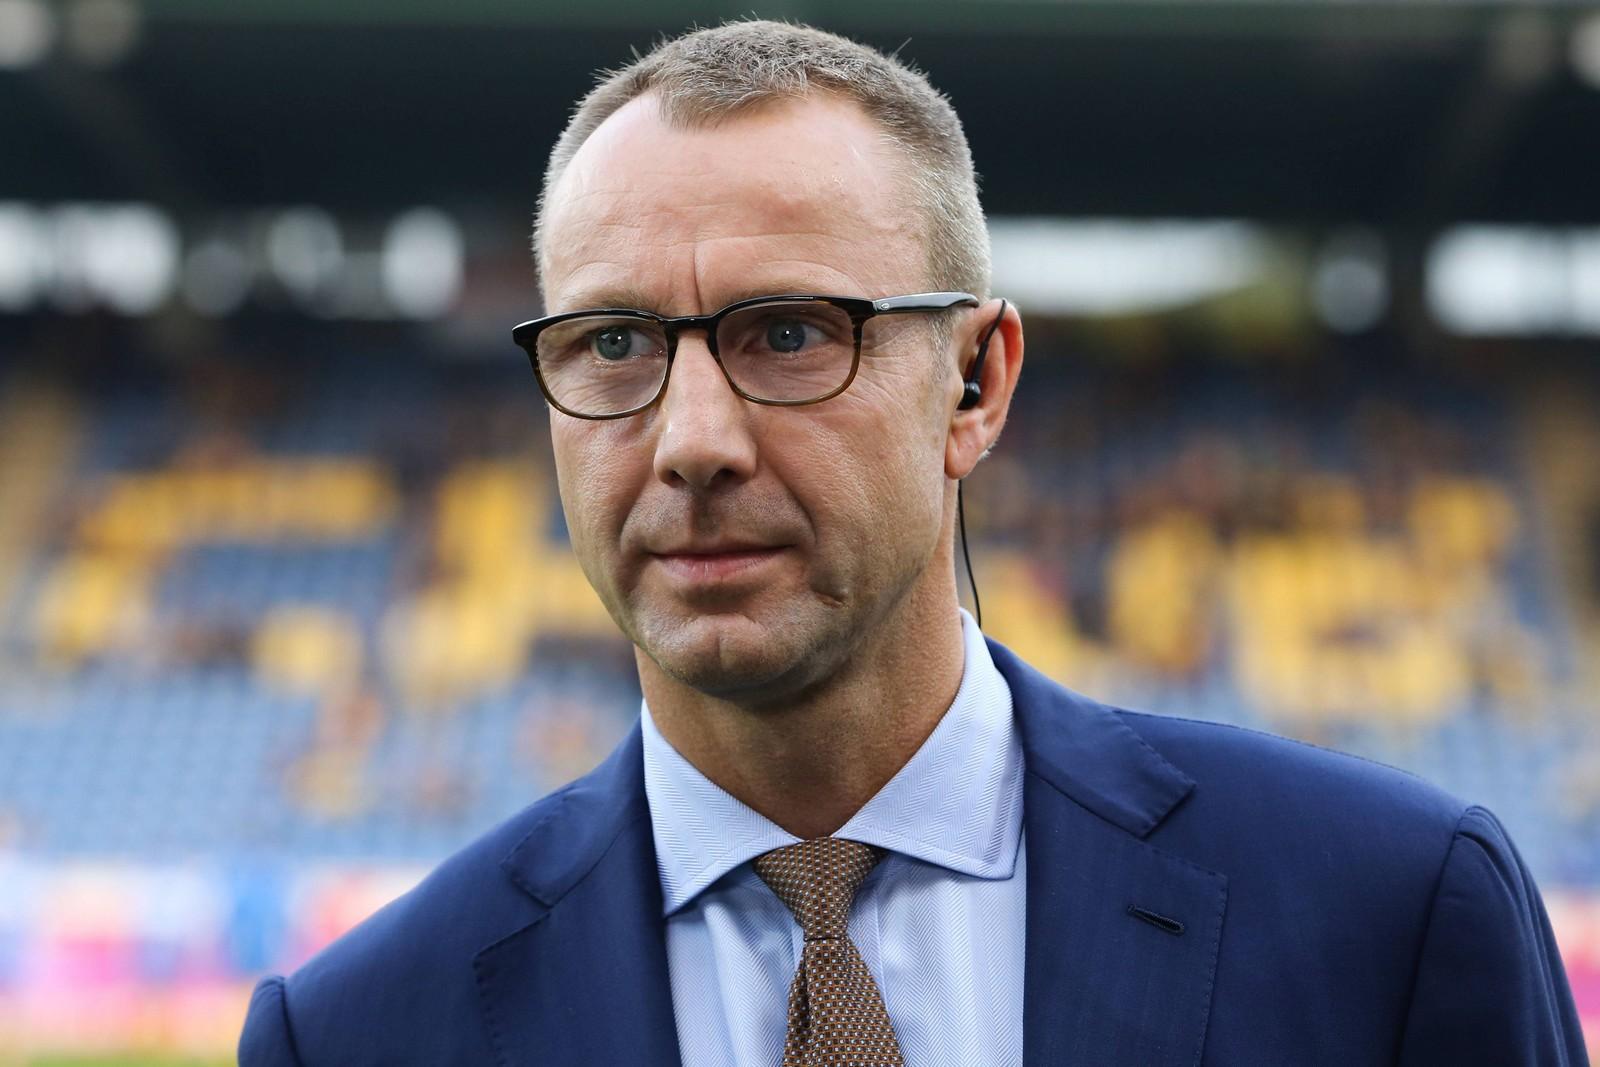 Geschäftsführer Soeren Oliver Voigt verlässt die Eintracht auf eigenen Wunsch.